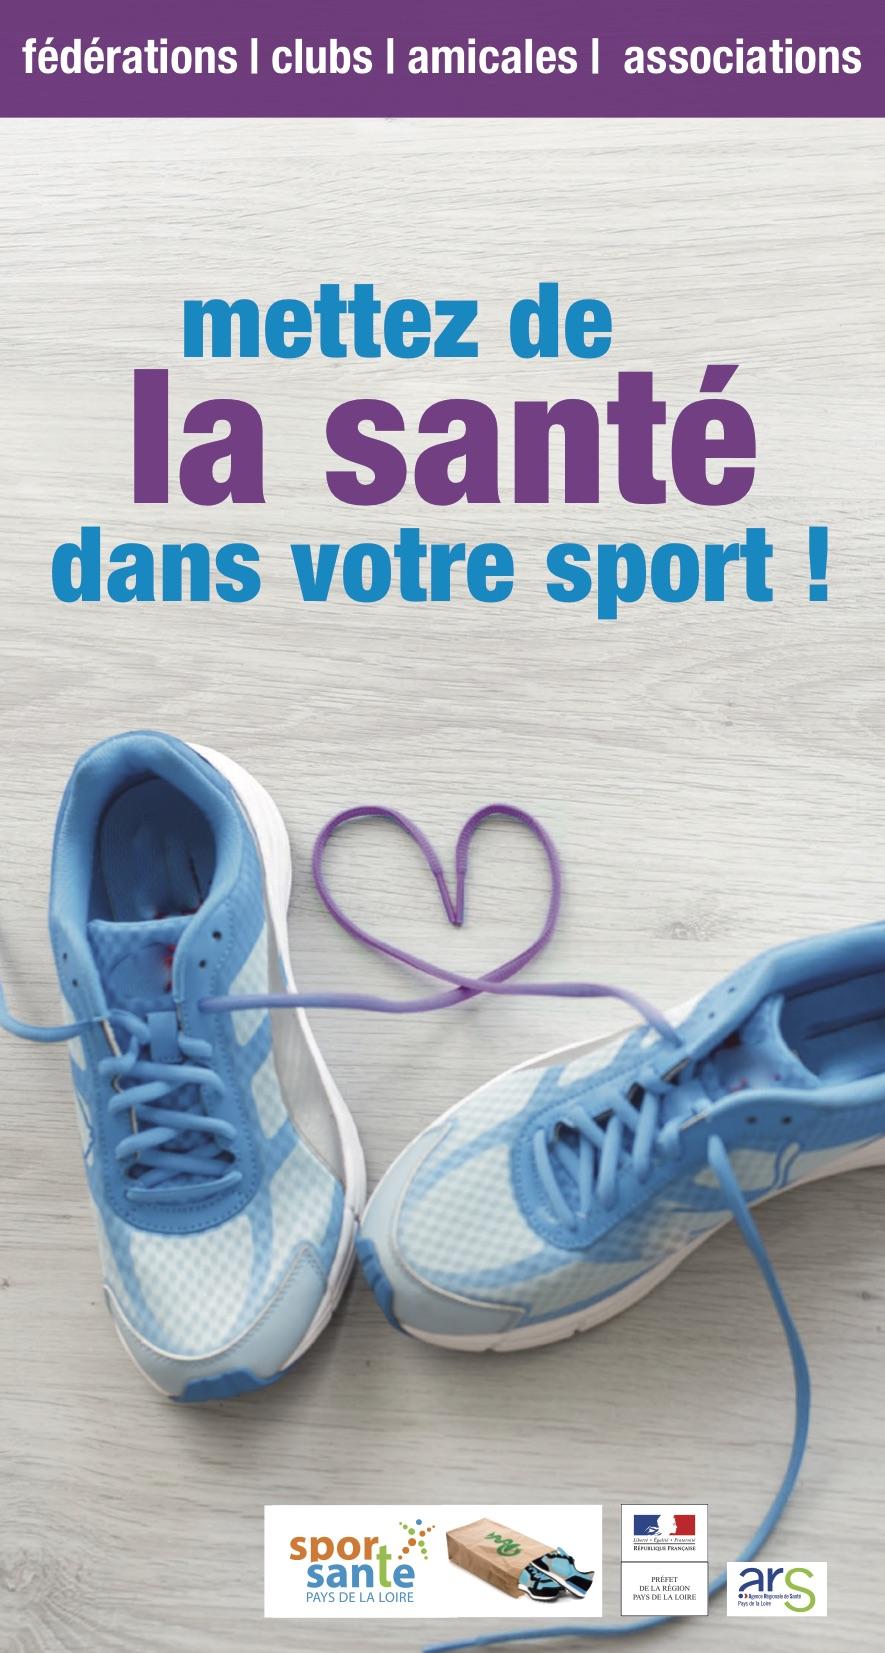 Mettez de la santé dans votre sport